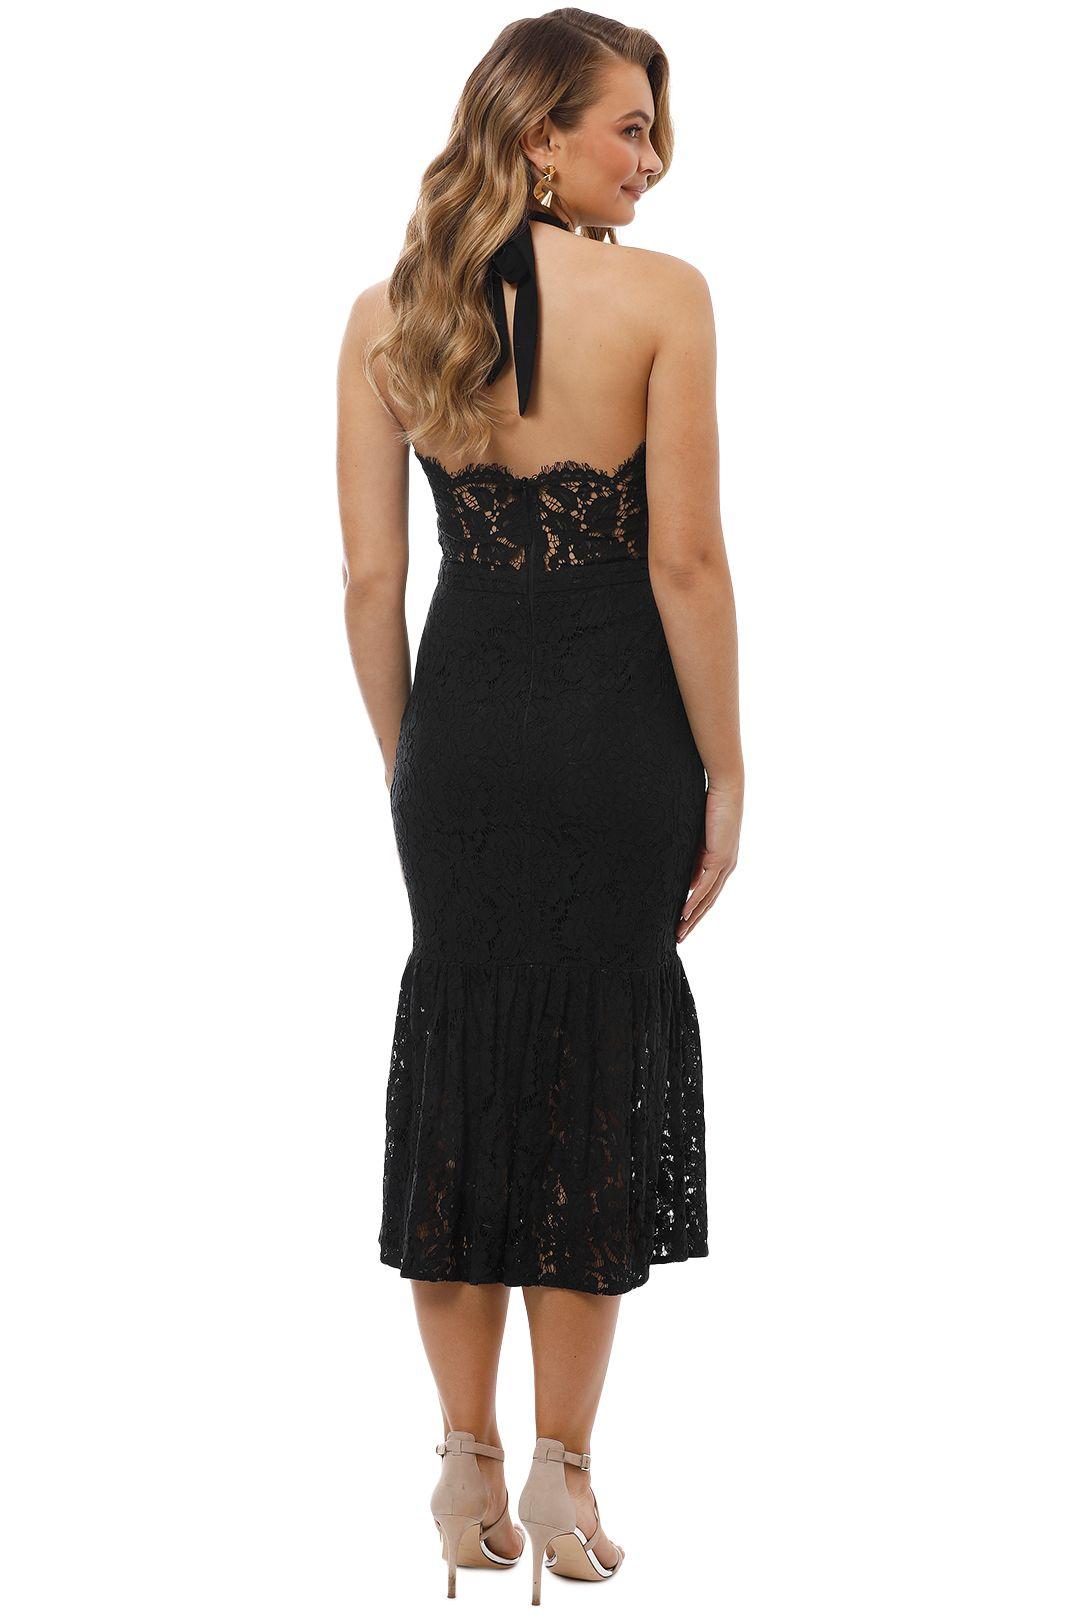 Maison Vivienne - Bitter Sweet Halter Midi Dress - Black - Back